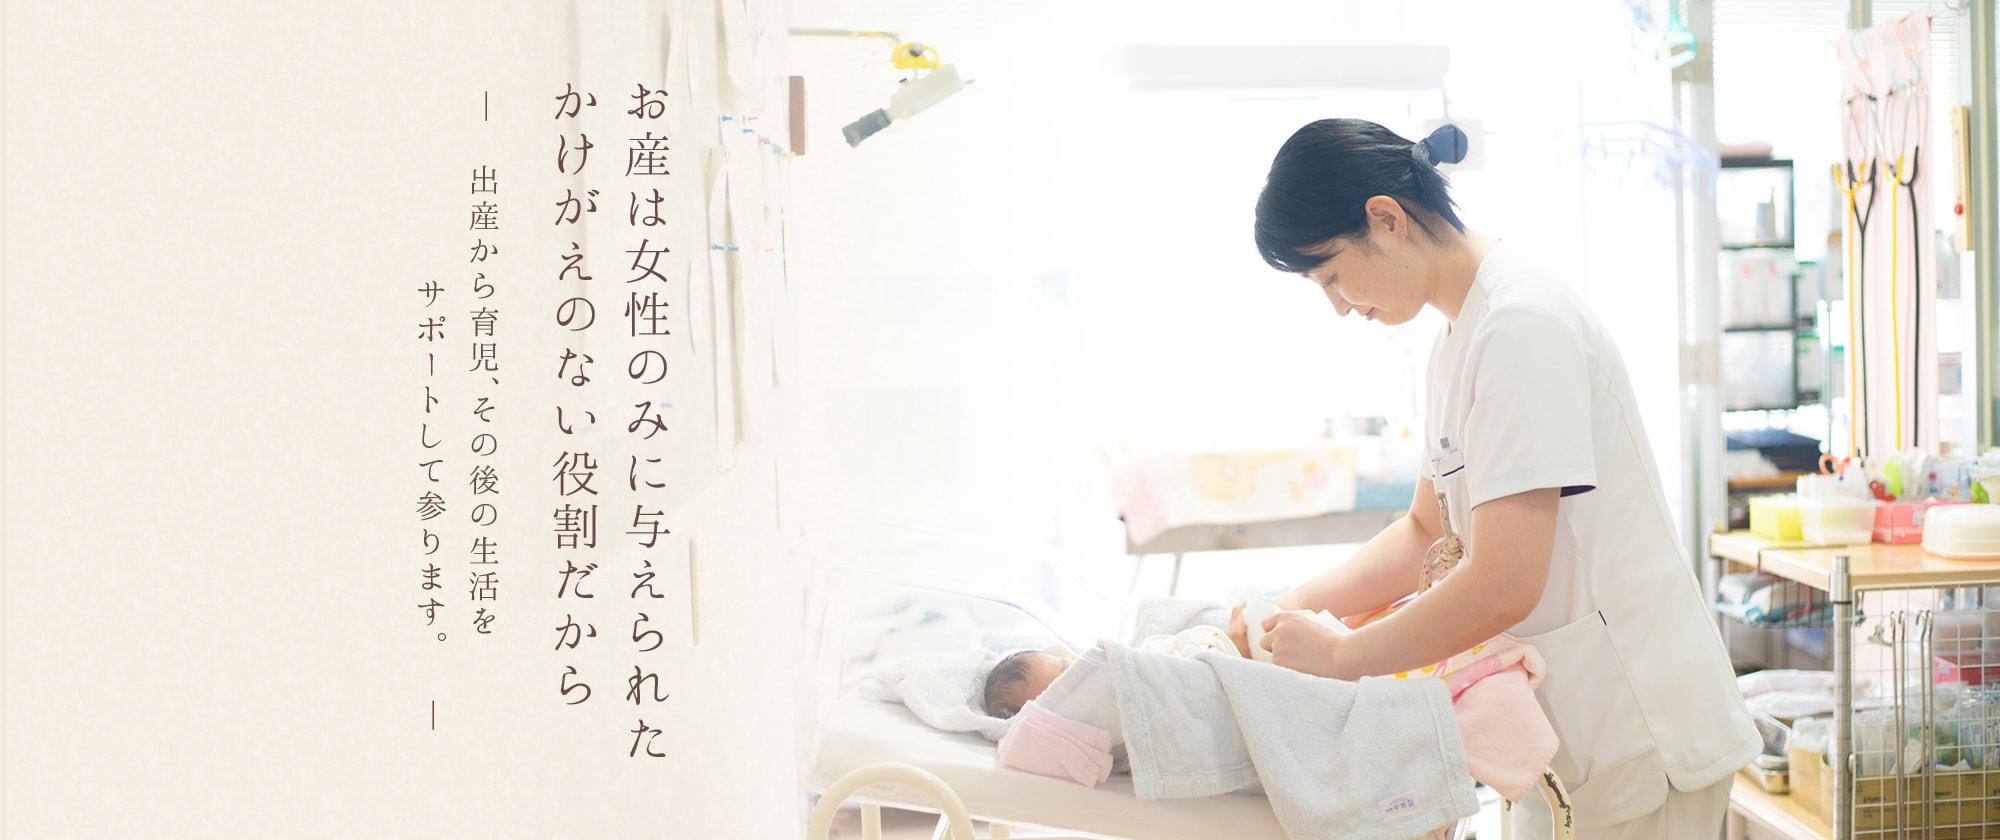 お産は女性のみに与えられたかけがえのない役割だから―出産から育児、その後の生活をサポートして参ります。―